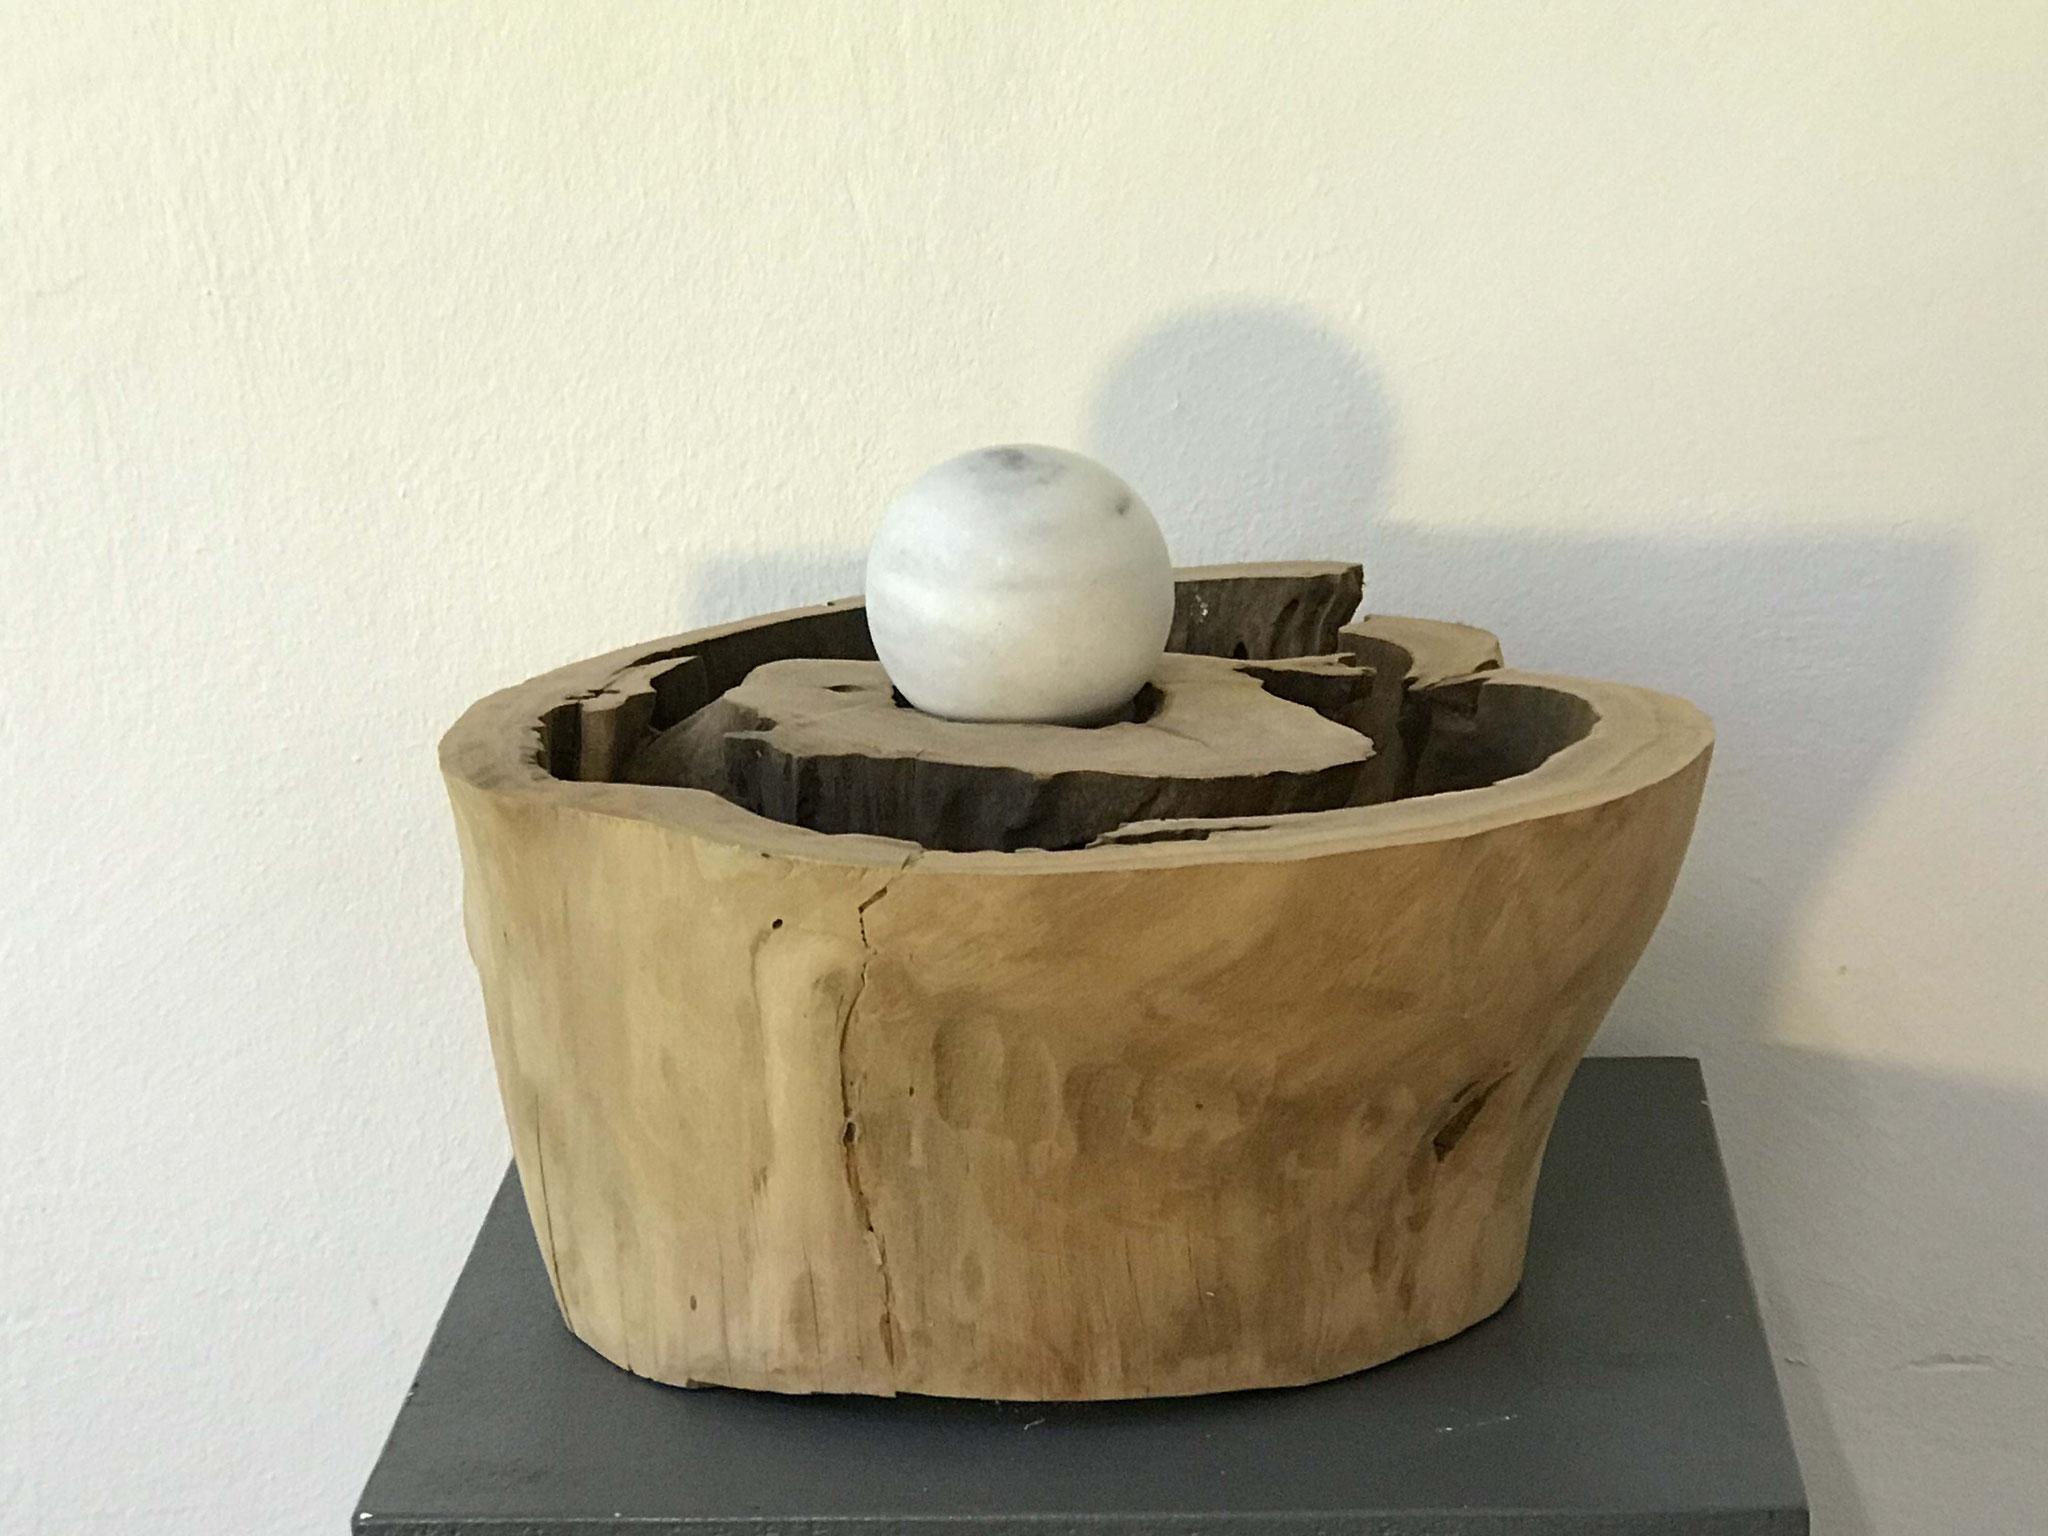 Ohne Titel, Carrara Marmor und Kirsche, 33 cm x 16 cm, © Susanne Musfeldt-Gohm, 2019